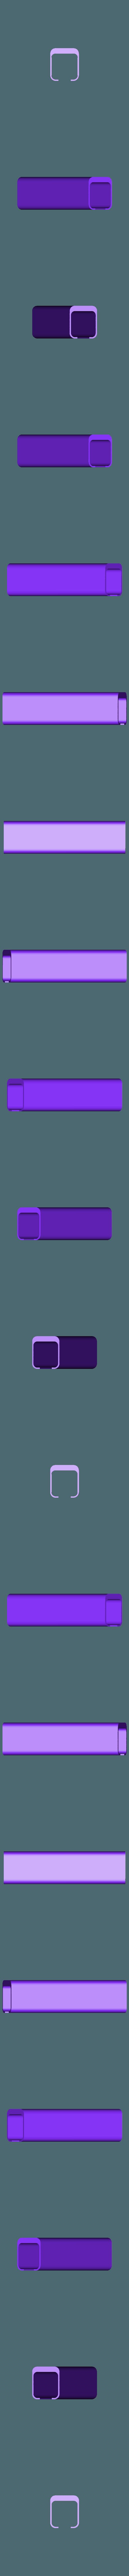 Magnetic_Tool_Holder_v1-0_6x.STL Télécharger fichier STL gratuit Porte-outil magnétique RigidBot • Objet à imprimer en 3D, WalterHsiao